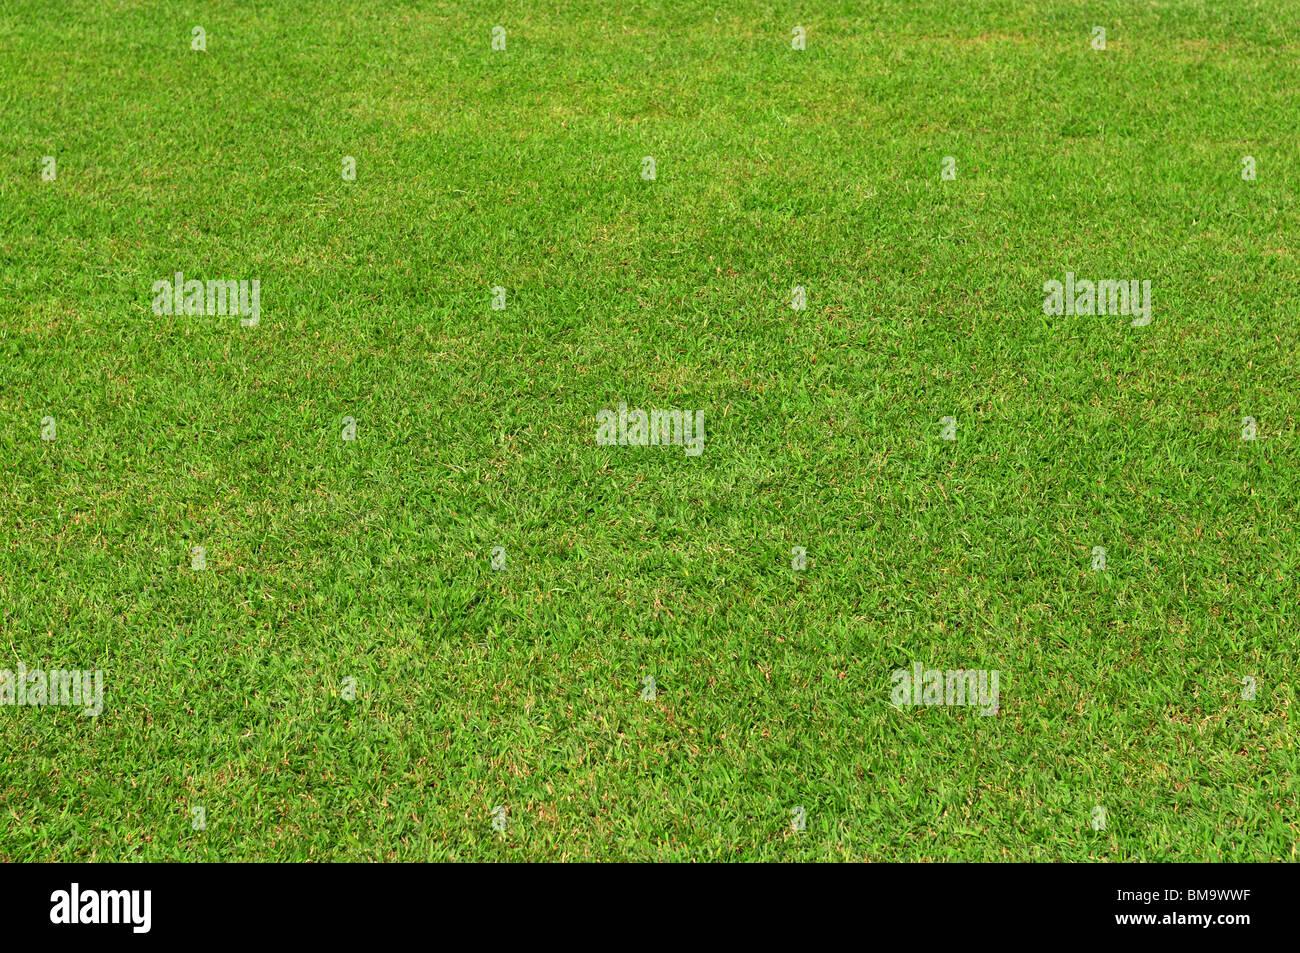 La primavera hierba verde para el diseño de fondo o textura Imagen De Stock